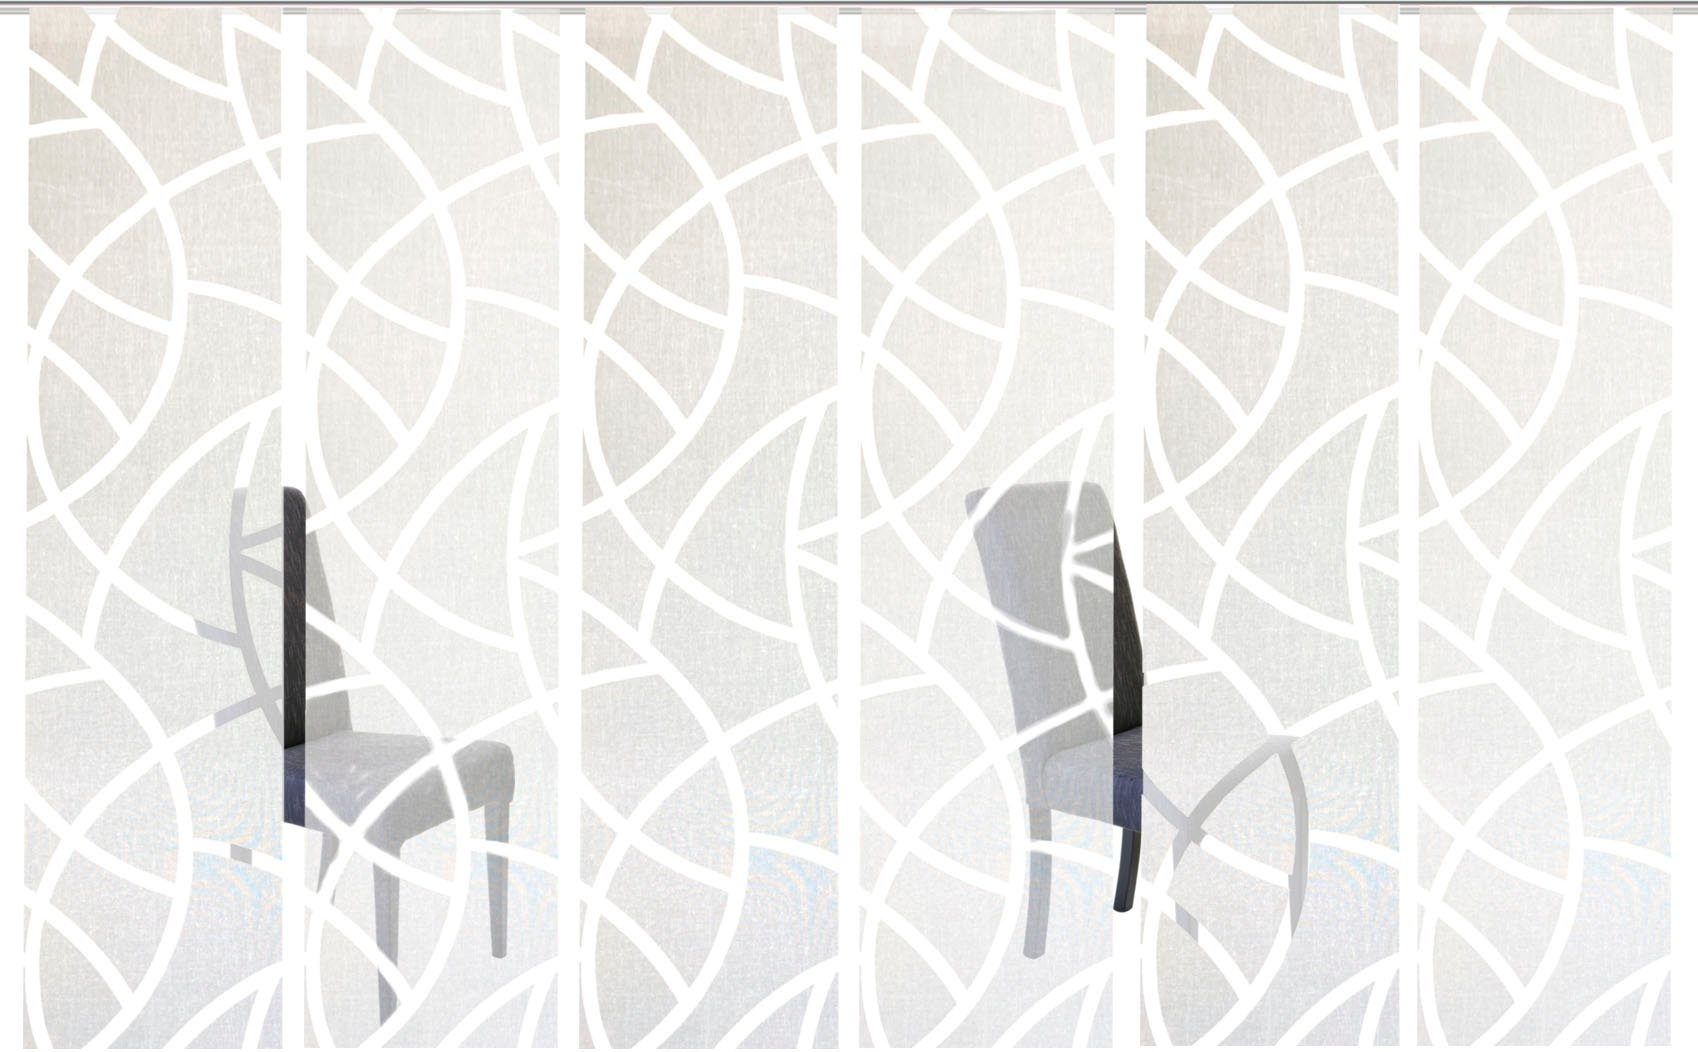 HOME WOHNIDEEN paneelgordijn CASSÉ Gordijnstof, met transparante scherli (6 stuks) - verschillende betaalmethodes